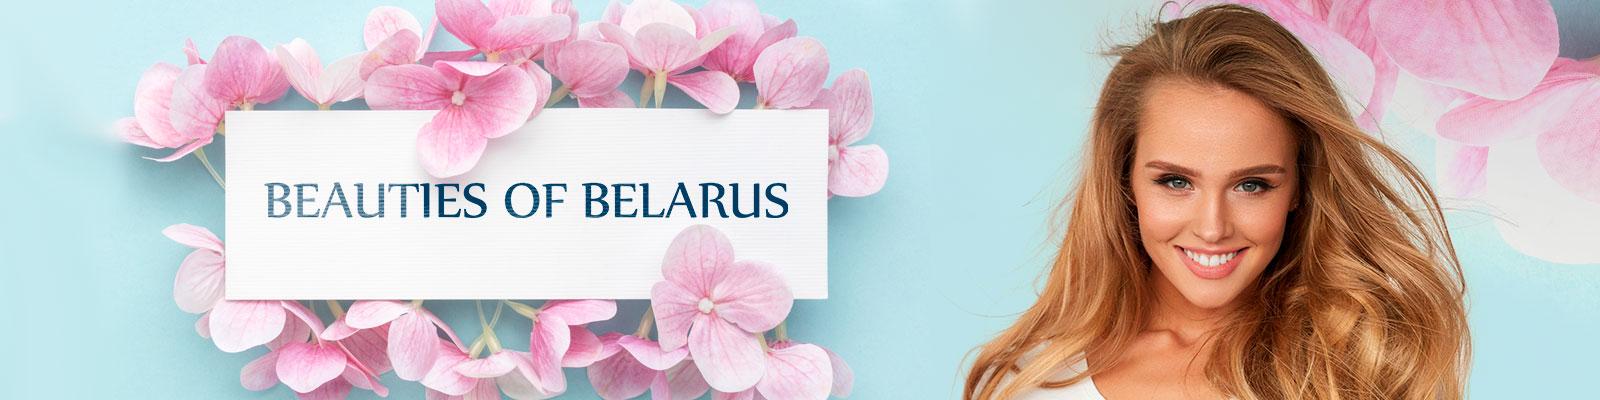 Beauties of Belarus